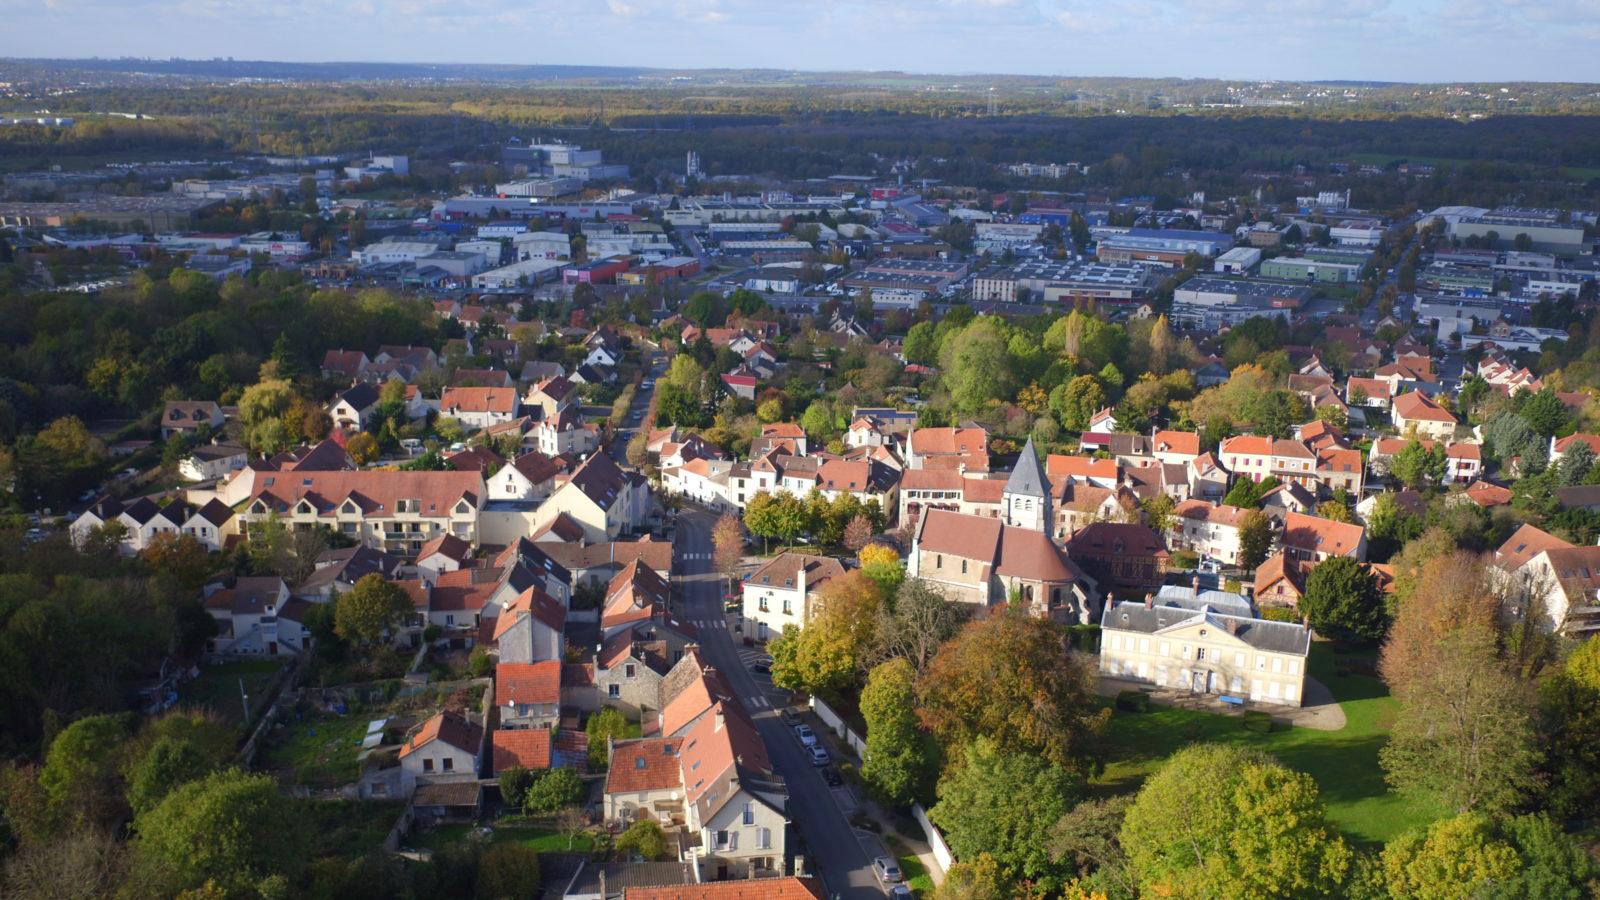 Un cœur de bourg historique dans la continuité duquel s'inscrira la ZAC